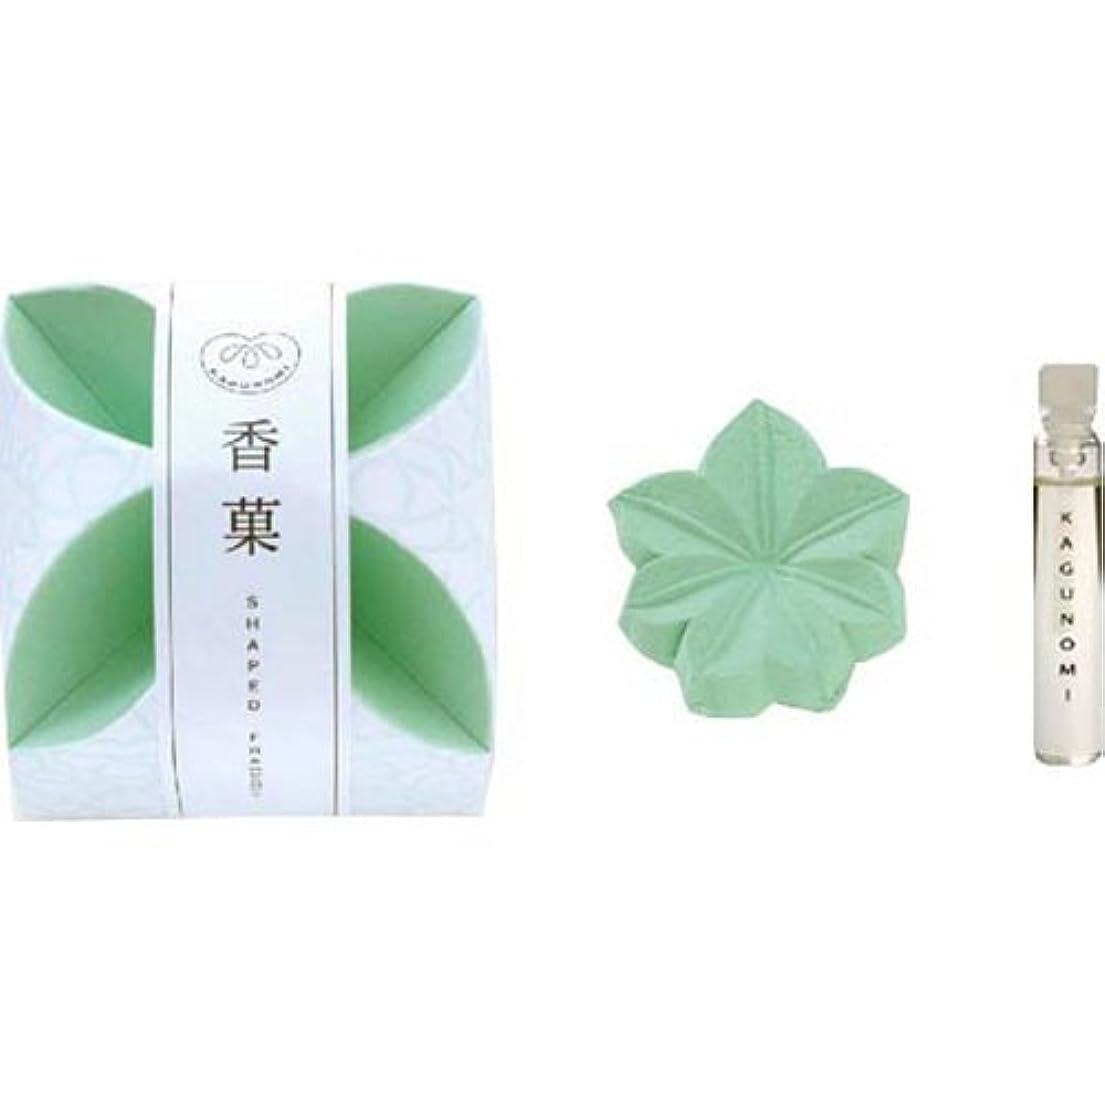 加害者エンドテーブルコンパス香菓 もみじ形(緑色)1入 オイル付